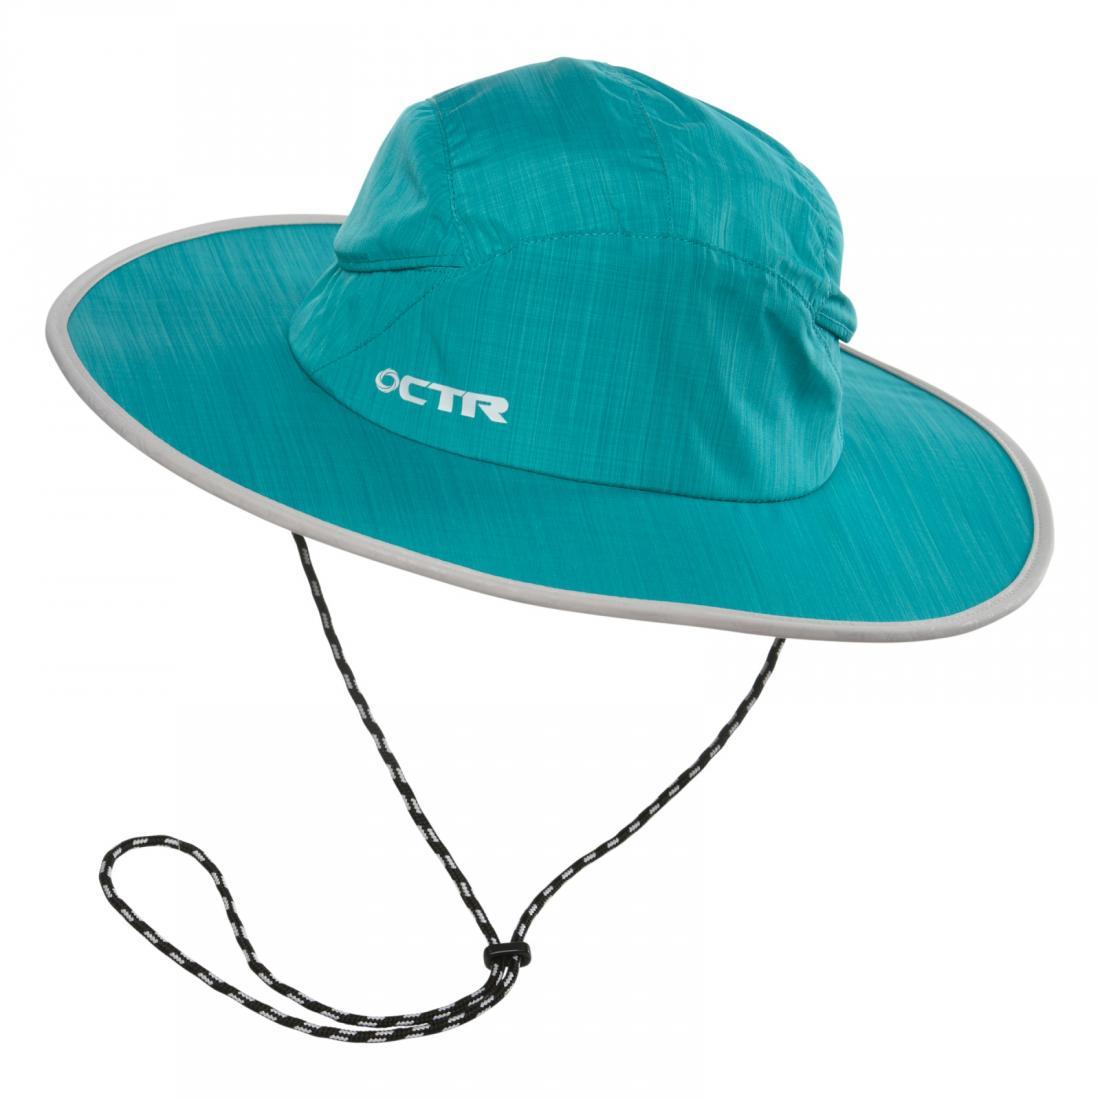 Панама Chaos  Stratus SombreroПанамы<br><br> В путешествии, в походе или в длительной прогулке сложно обойтись без удобной панамы, такой как Chaos Stratus Sombrero. Эта широкополая шляпа служ...<br><br>Цвет: Голубой<br>Размер: S-M